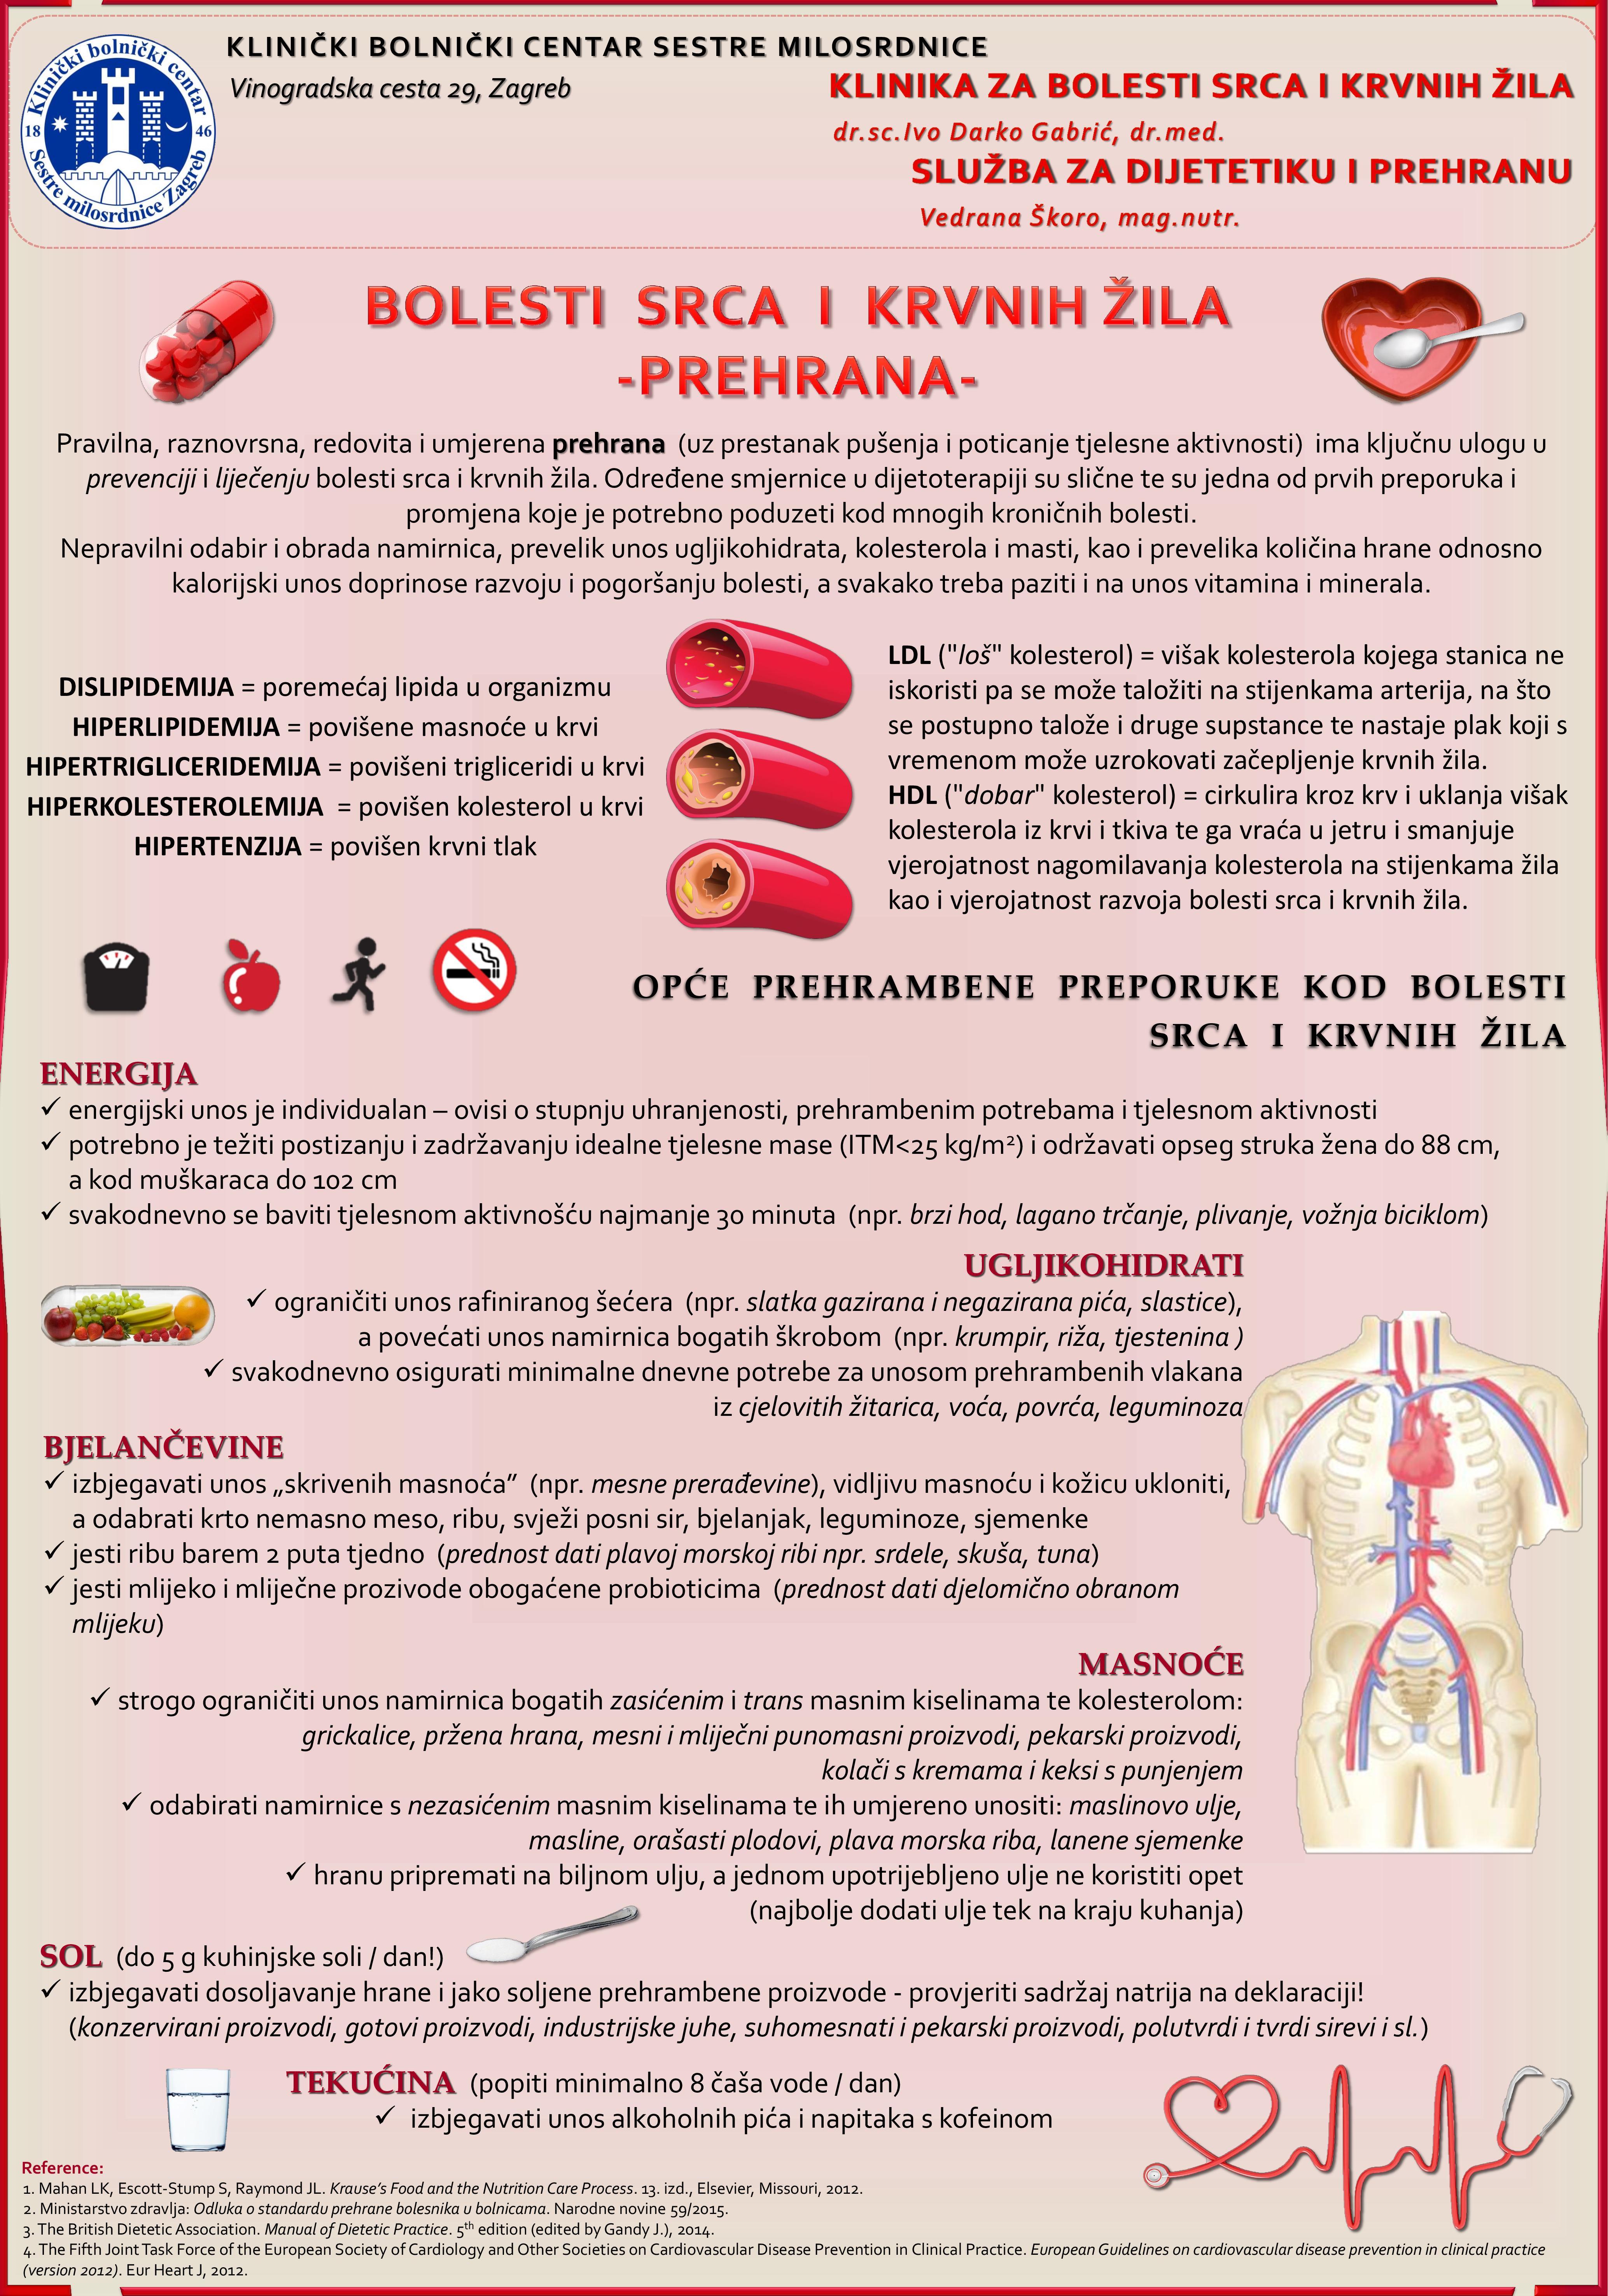 medicinska prehrana hipertenzija